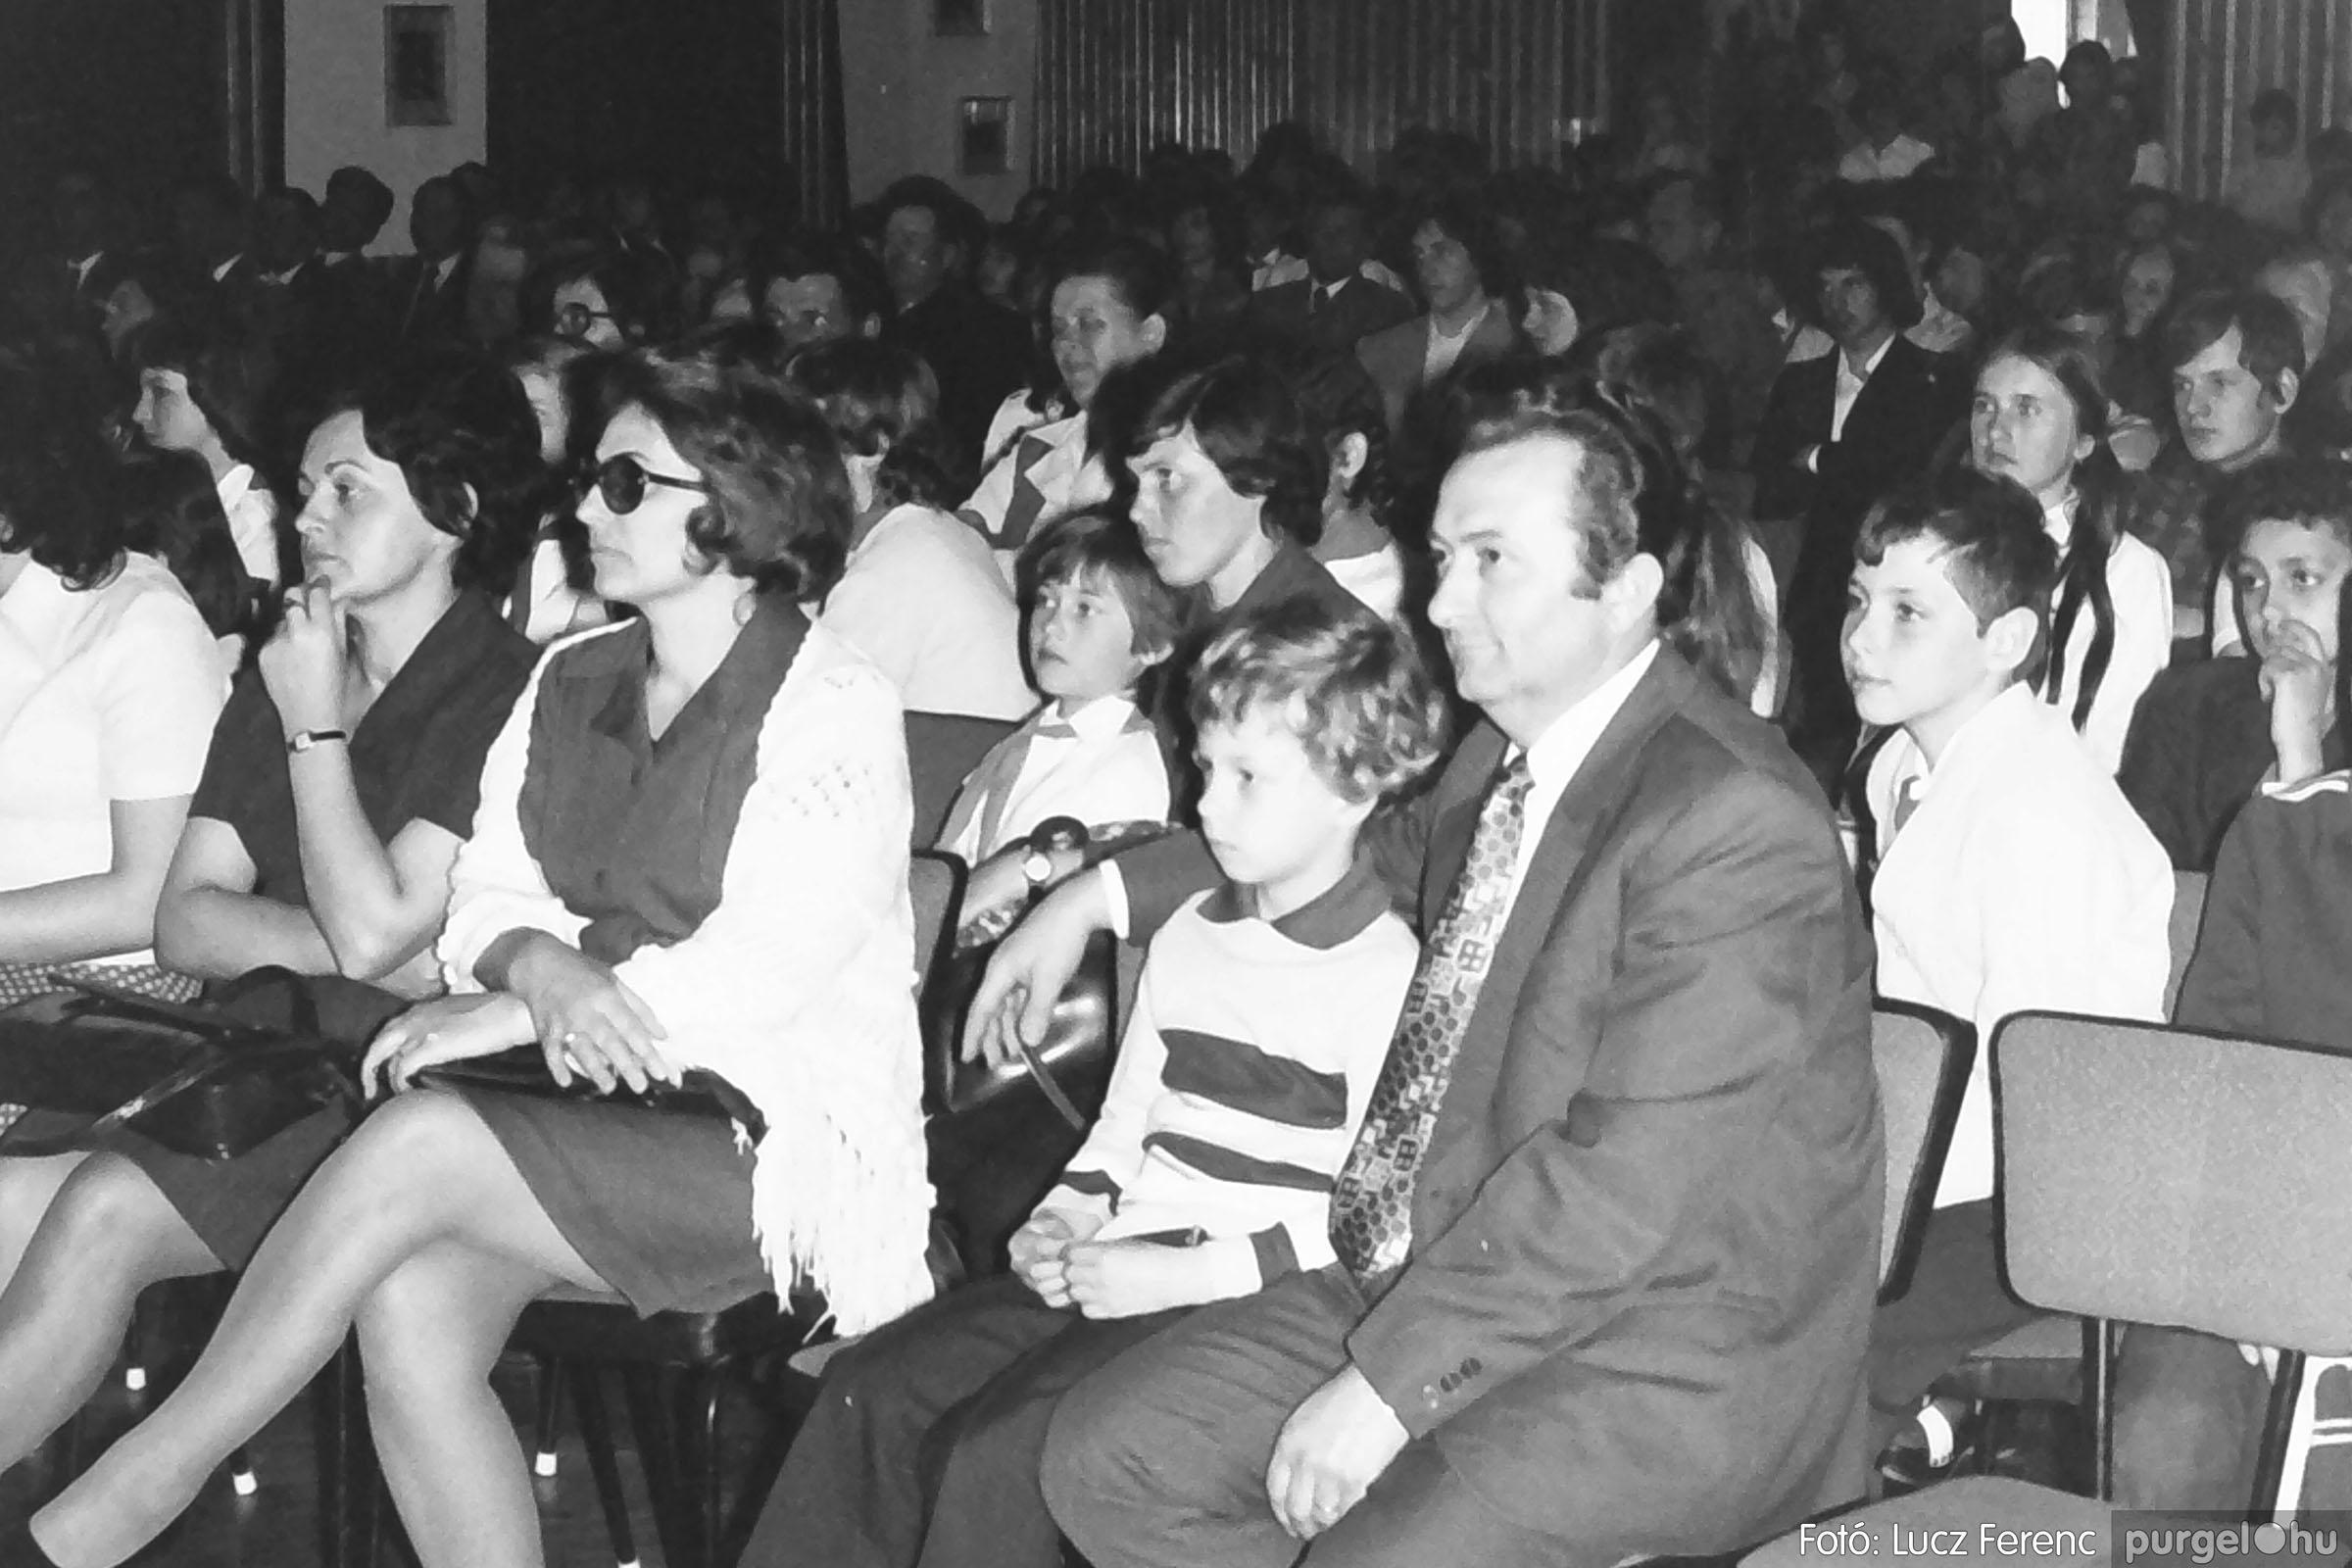 039. 1976.04.04. Április 4-i ünnepség a kultúrházban 030. - Fotó: Lucz Ferenc.jpg